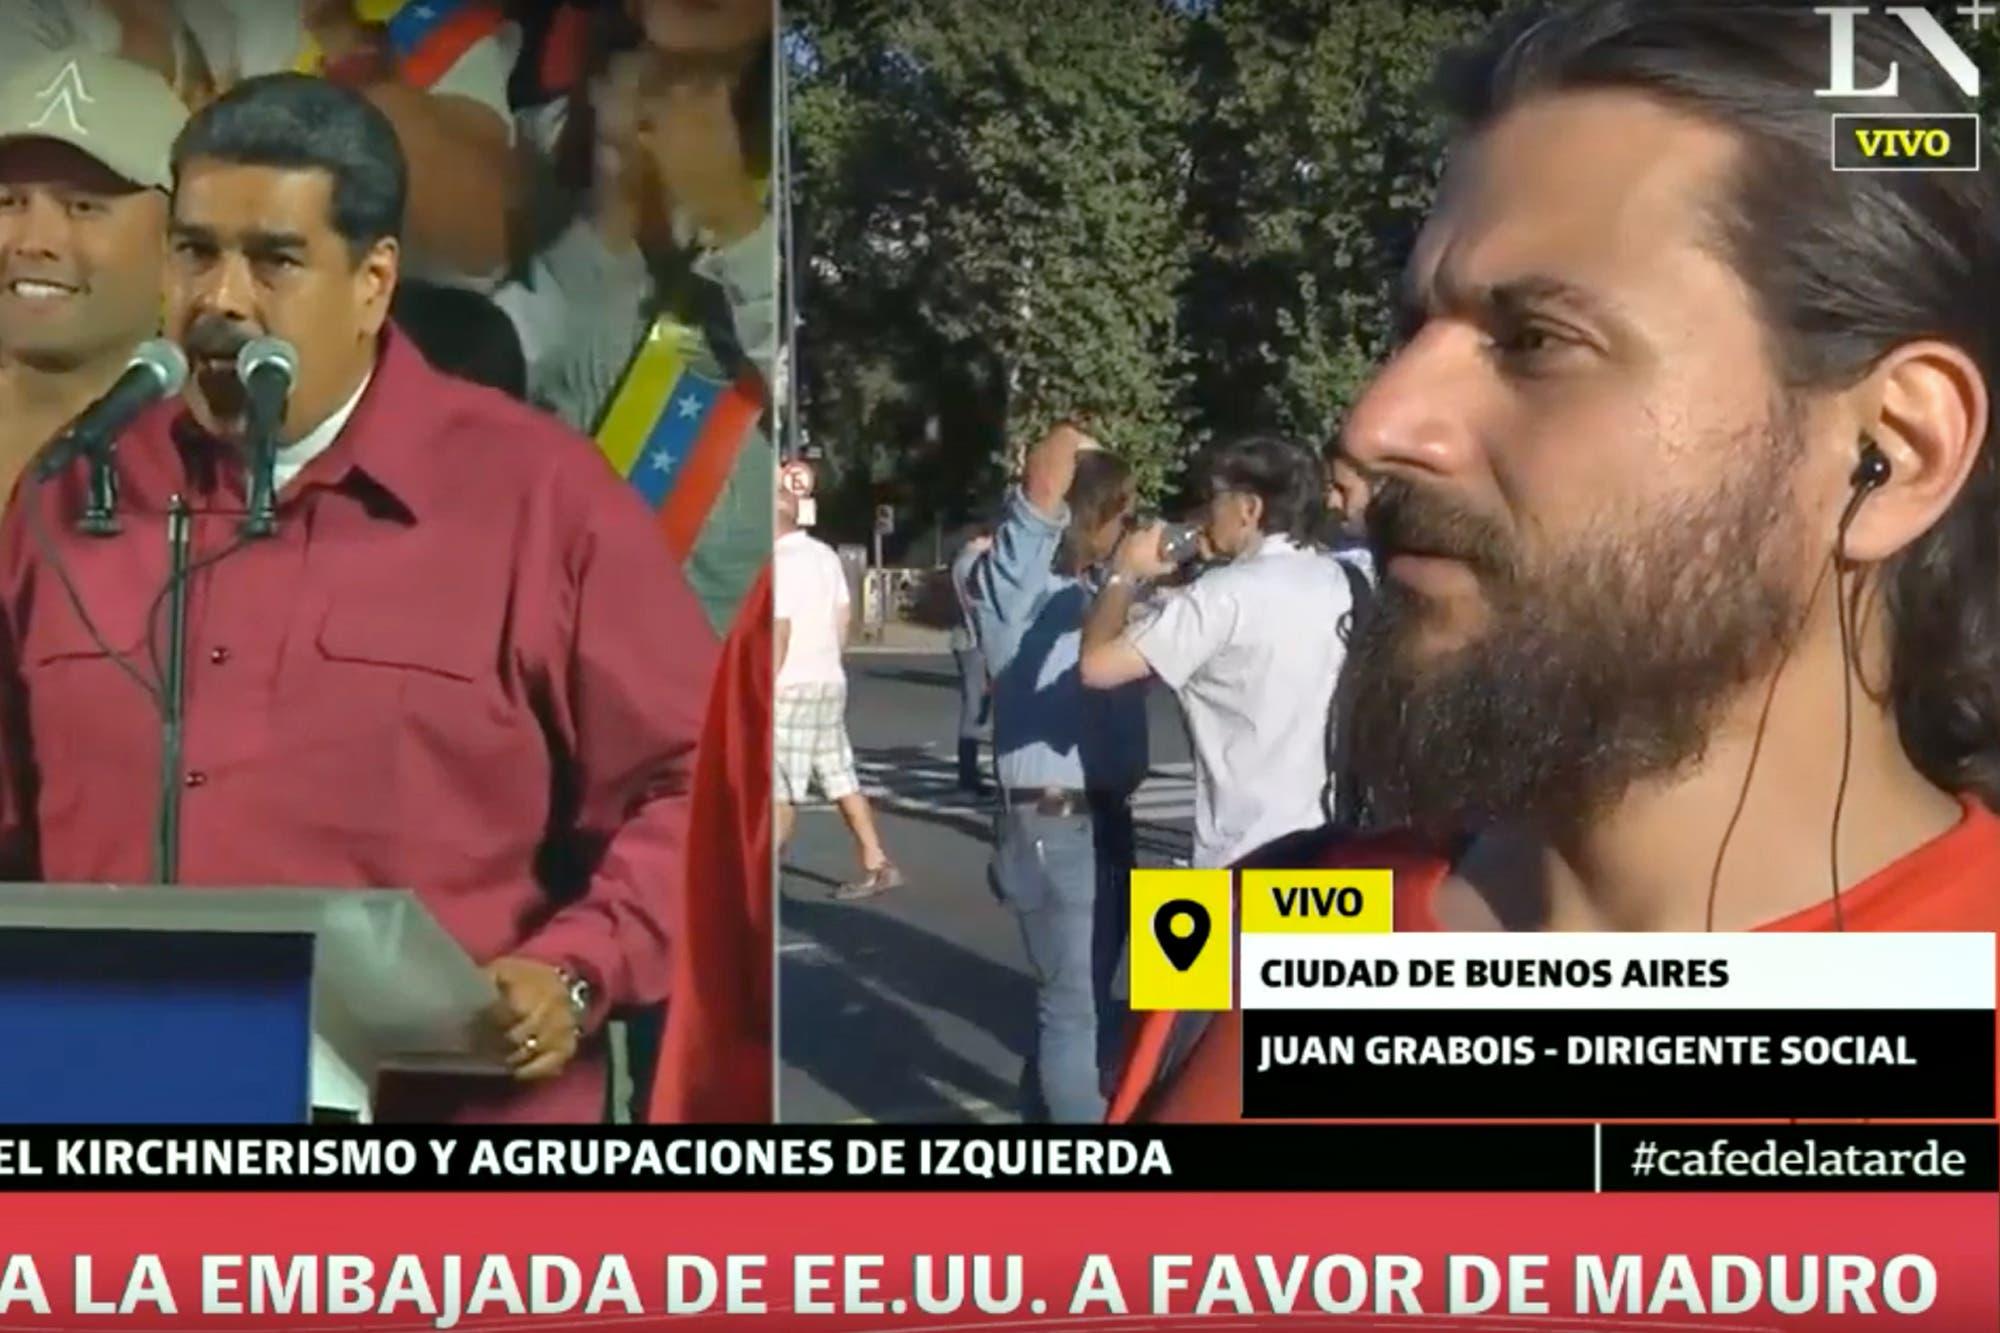 Fuerte cruce en la TV: Grabois se enojó cuando le preguntaron sobre la crisis en Venezuela